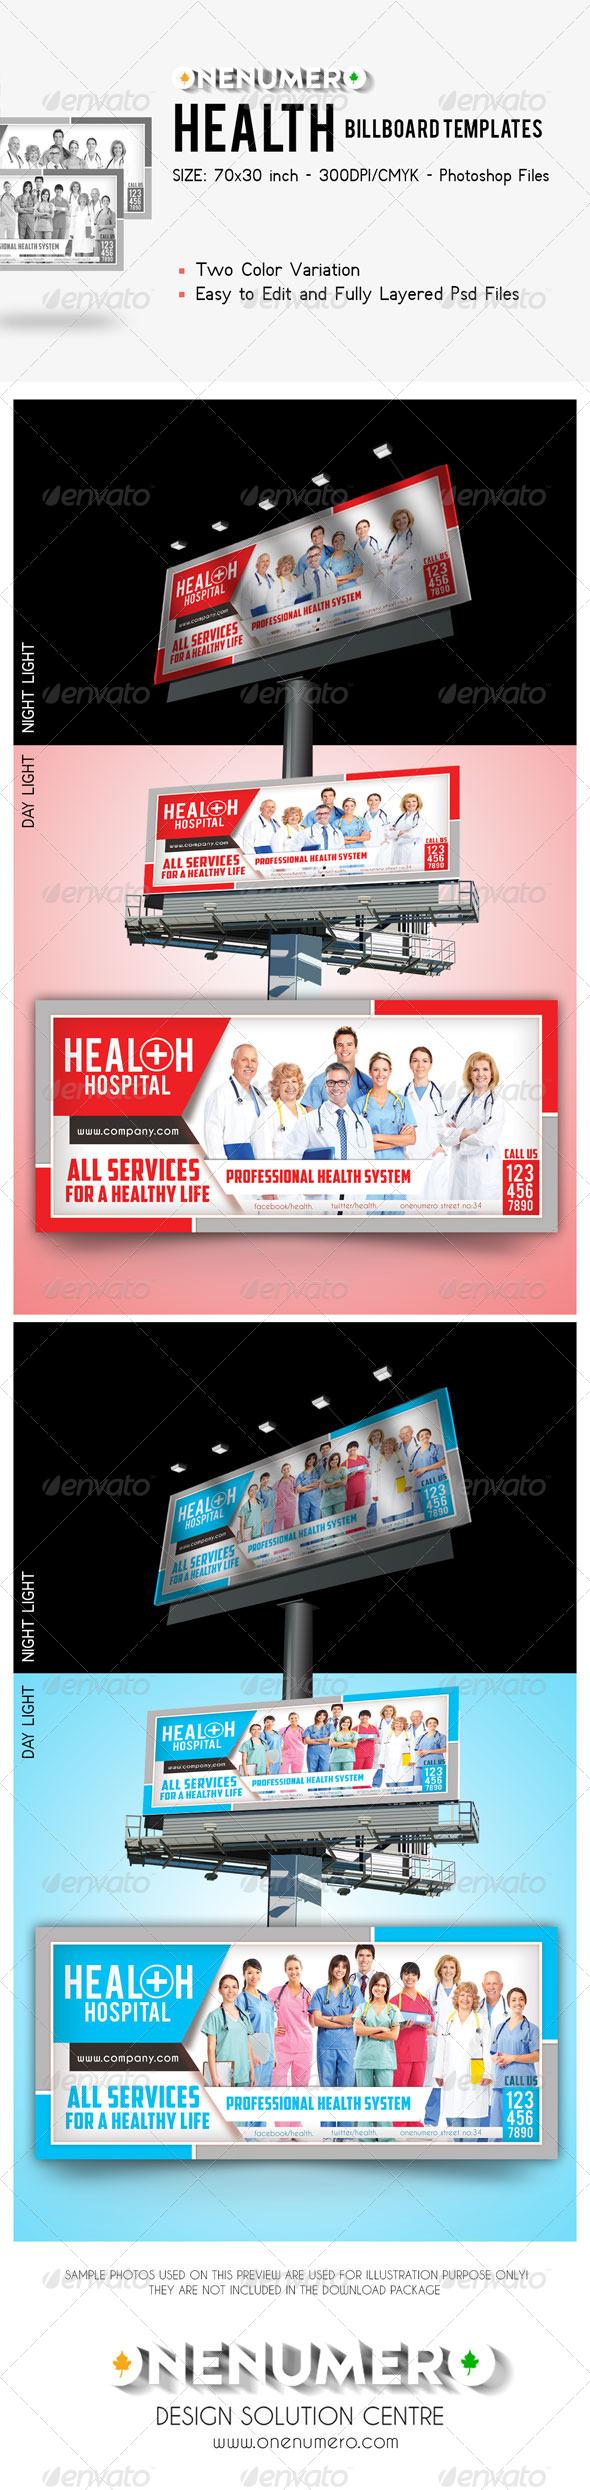 GraphicRiver Health Billboard Templates 7850761